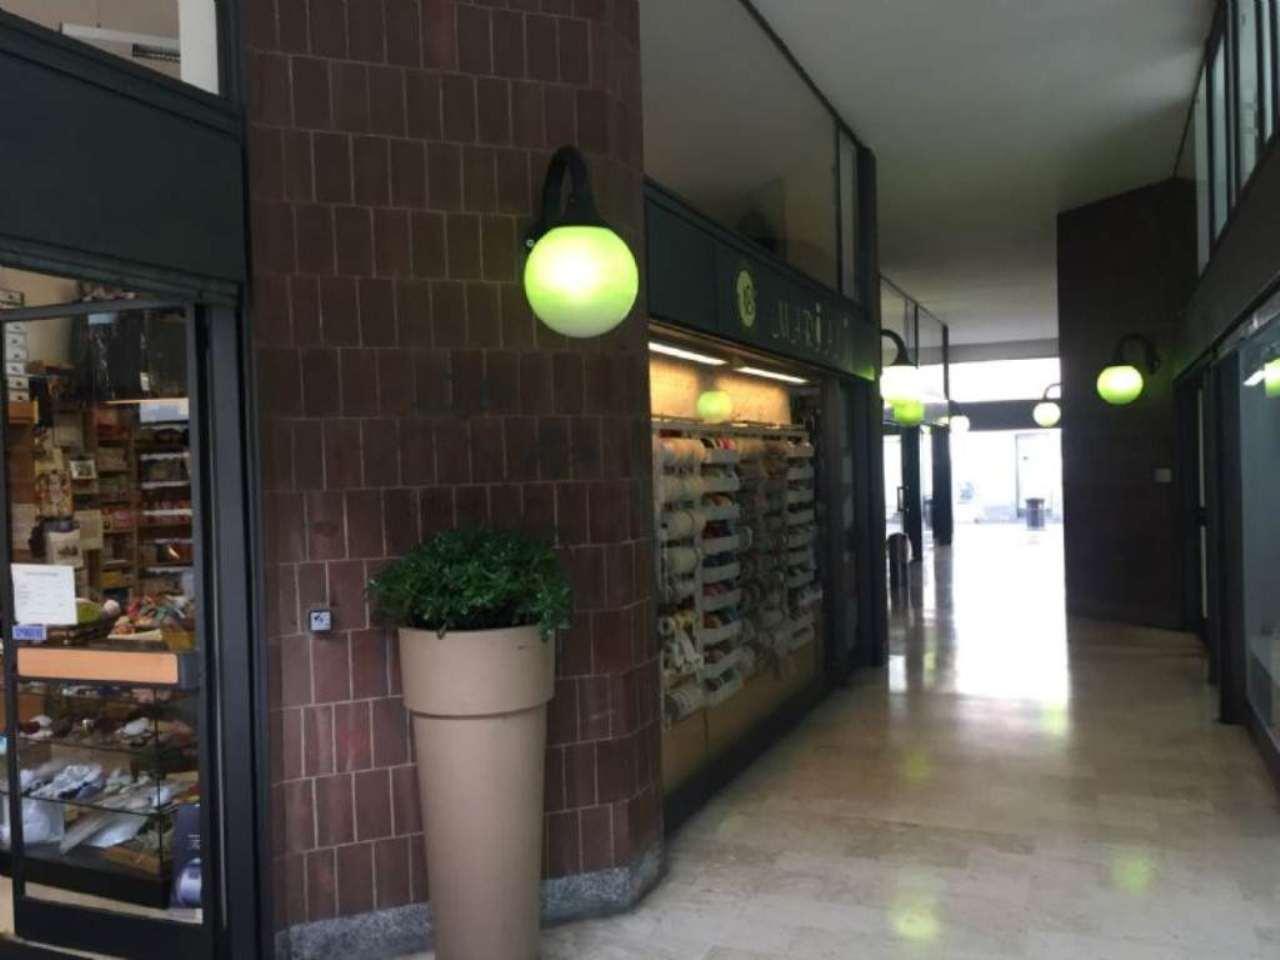 Negozio / Locale in vendita a Monza, 2 locali, zona Zona: 1 . Centro Storico, San Gerardo, Via Lecco, prezzo € 240.000 | Cambio Casa.it